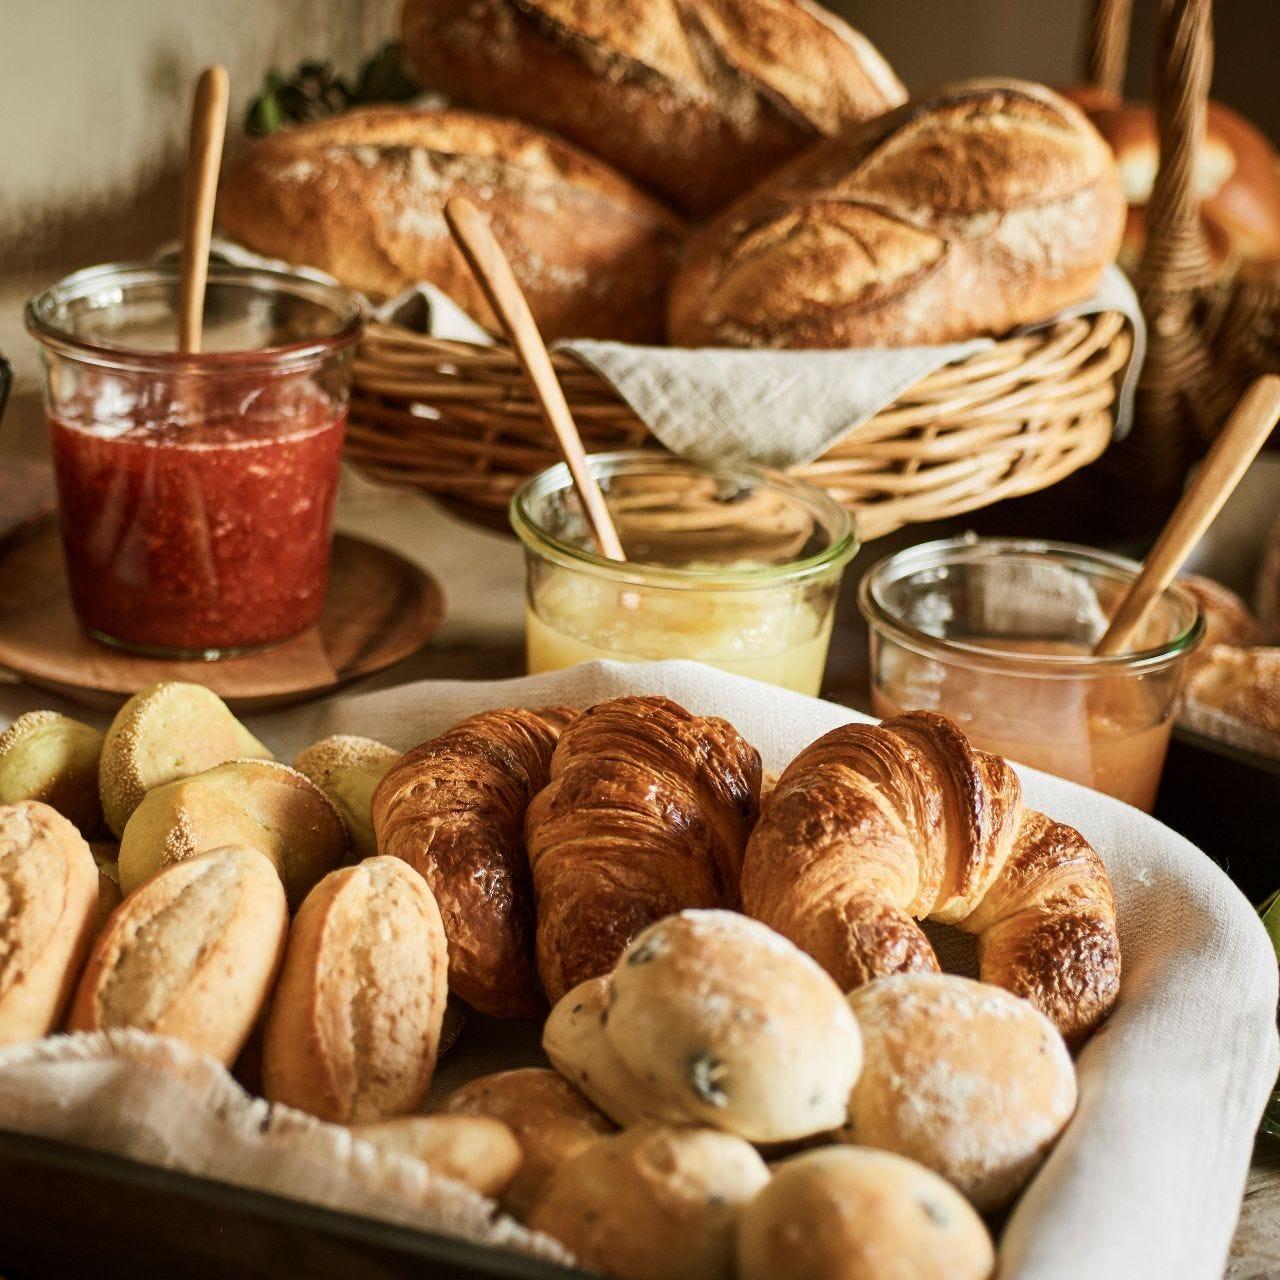 もちろんパンも手作り。ベーカリーでテイクアウトもできる